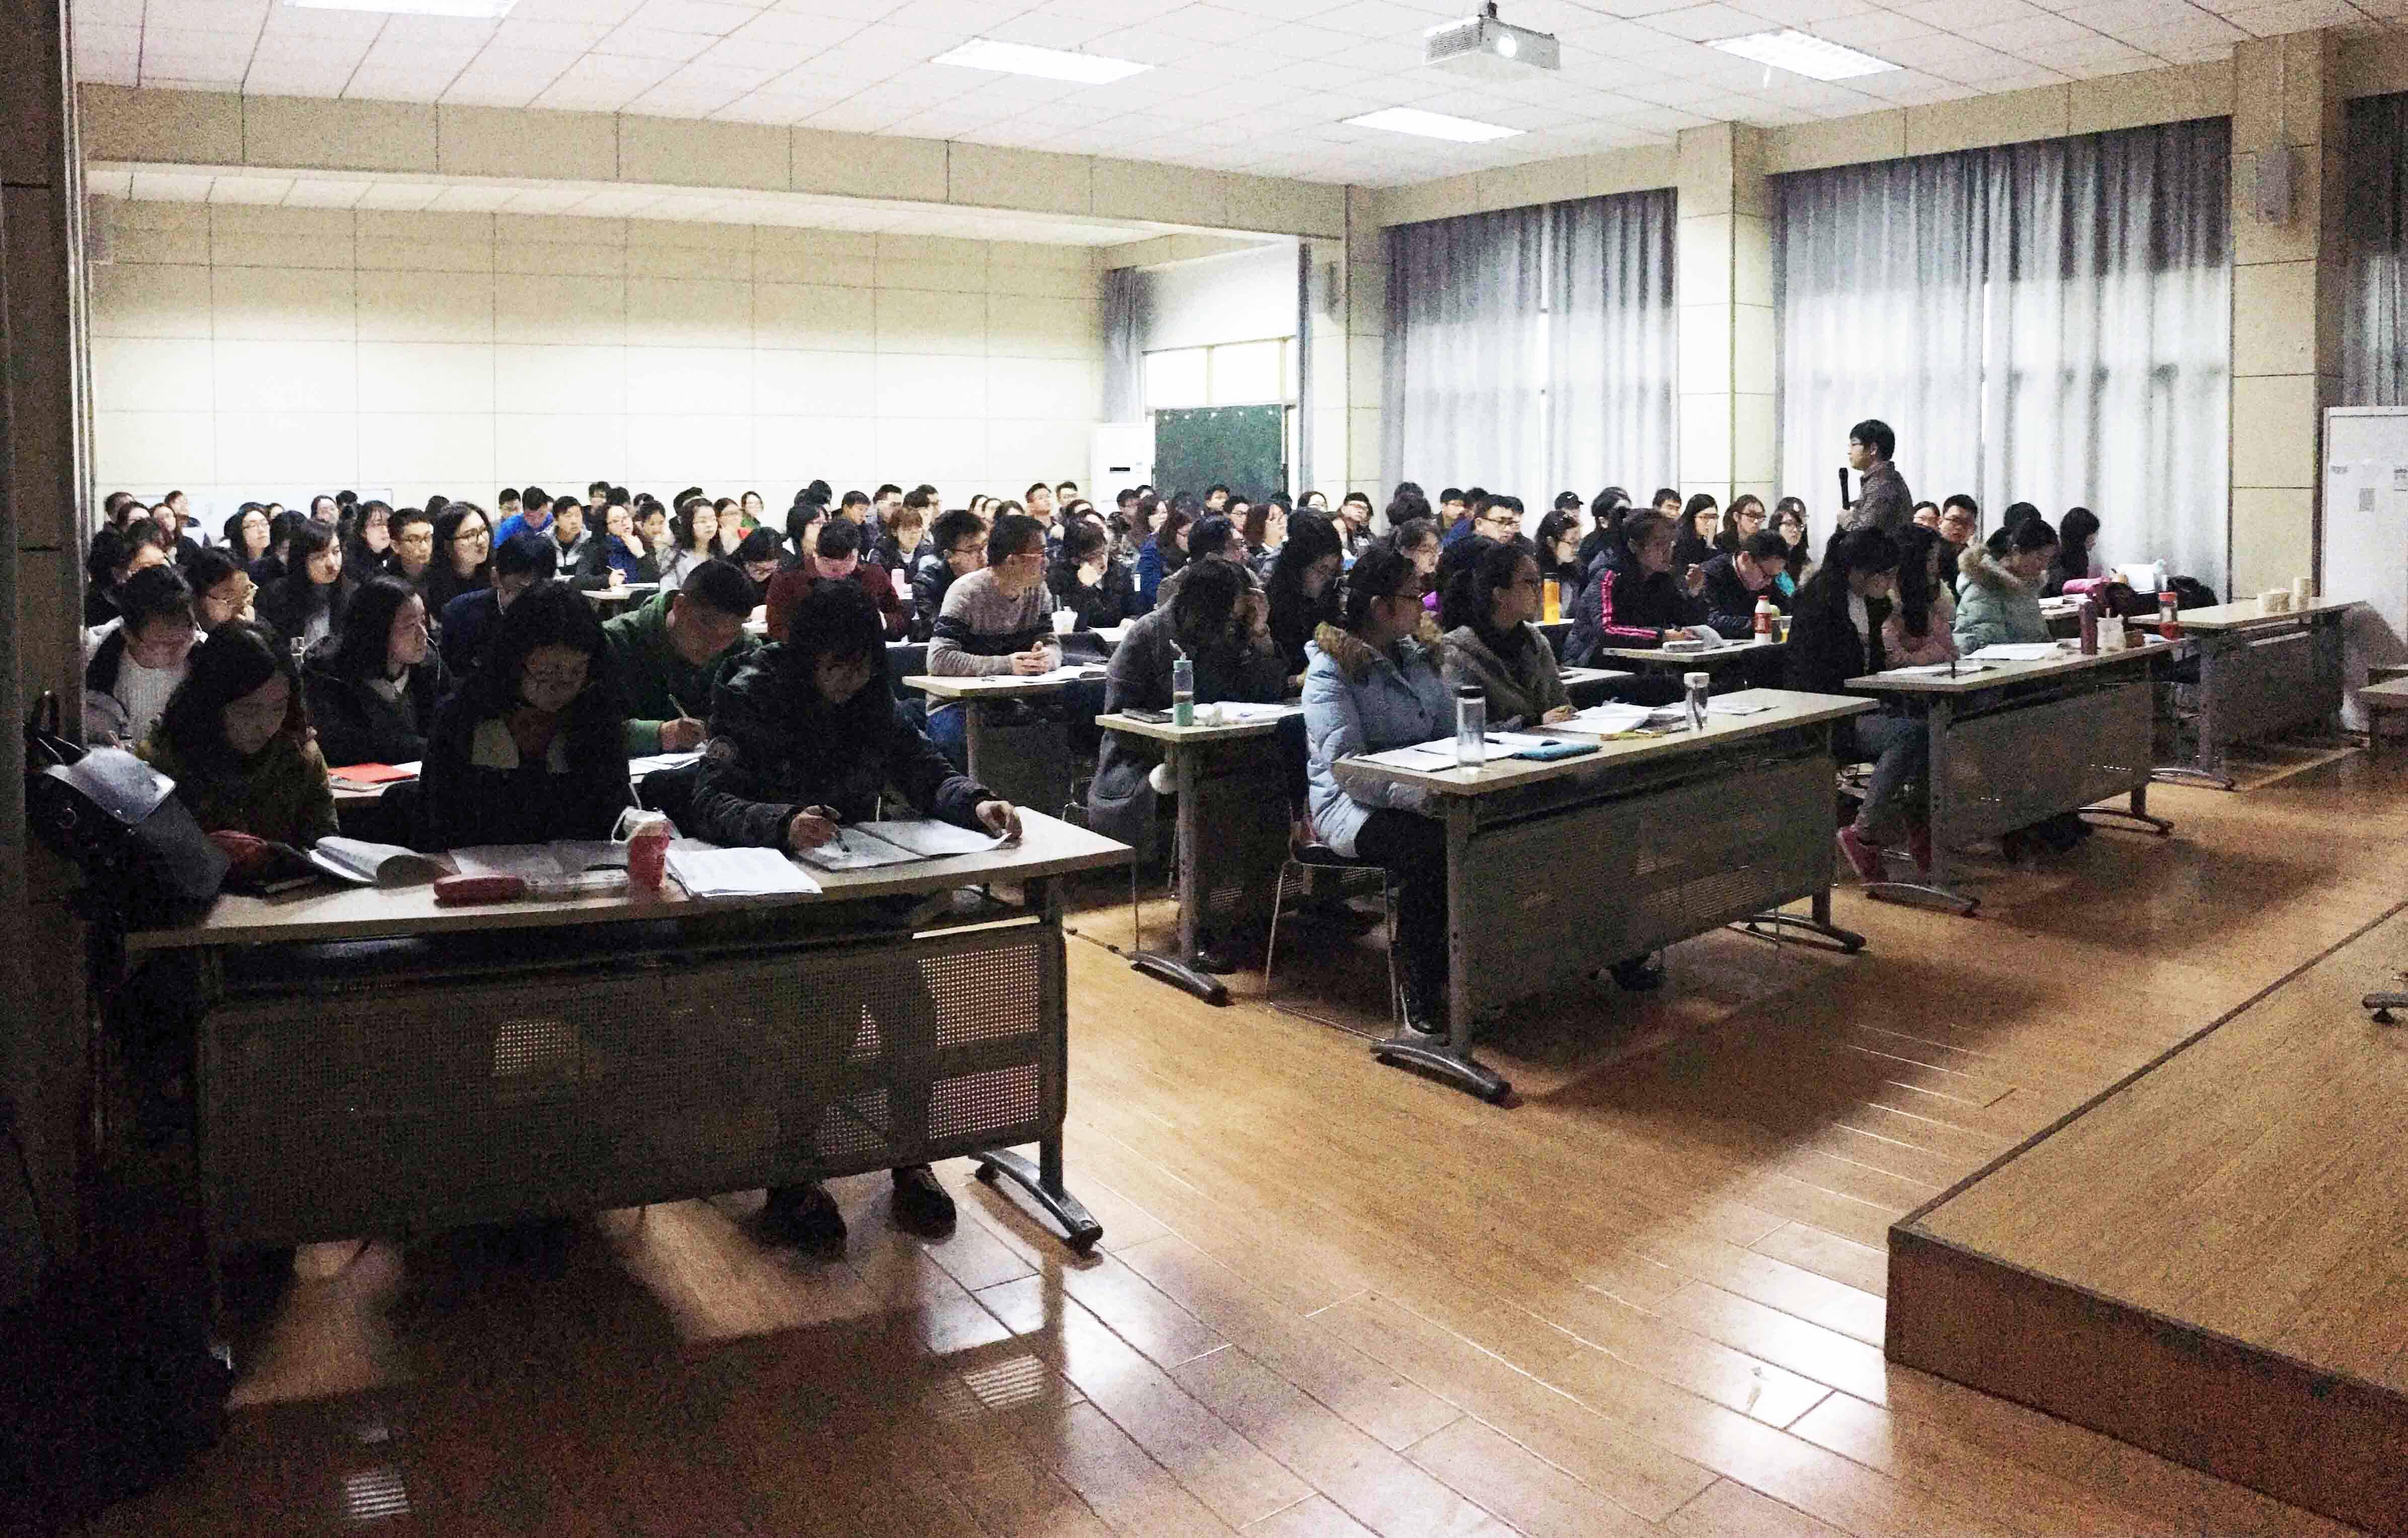 2017年省考笔试湖北大学授课现场